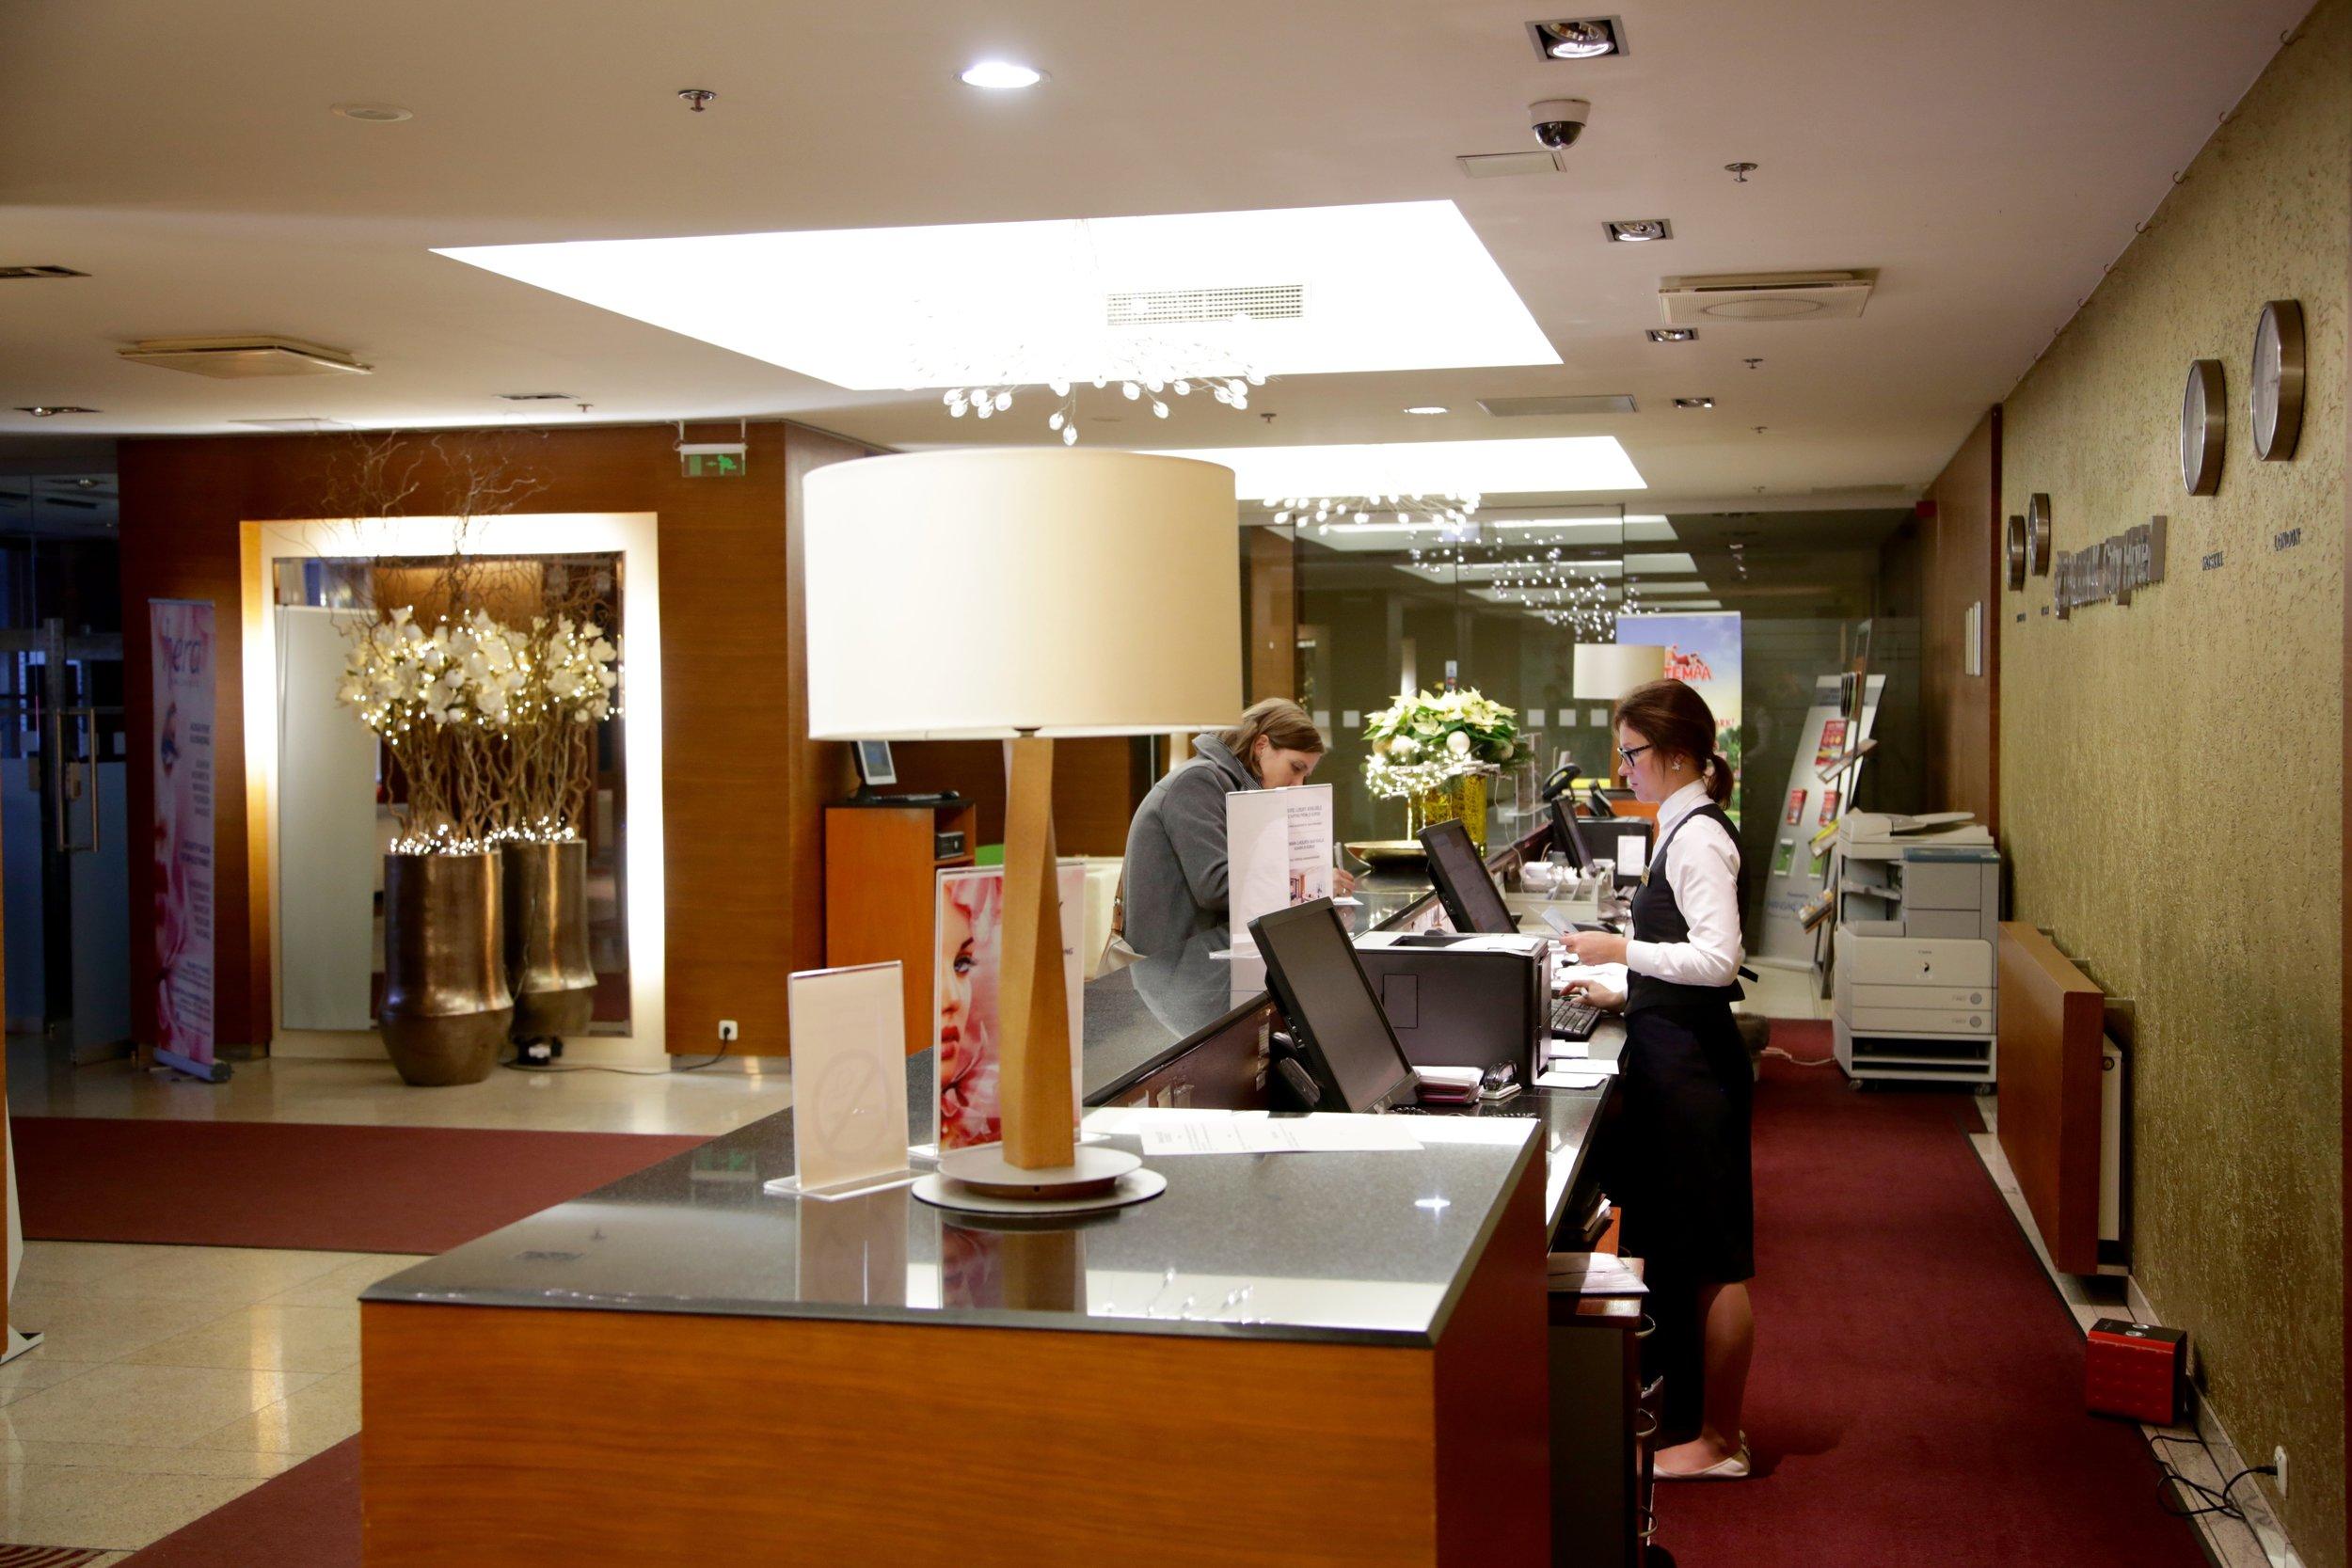 Lar du hotellet beholde passet ditt?                   Foto: Odd Roar Lange